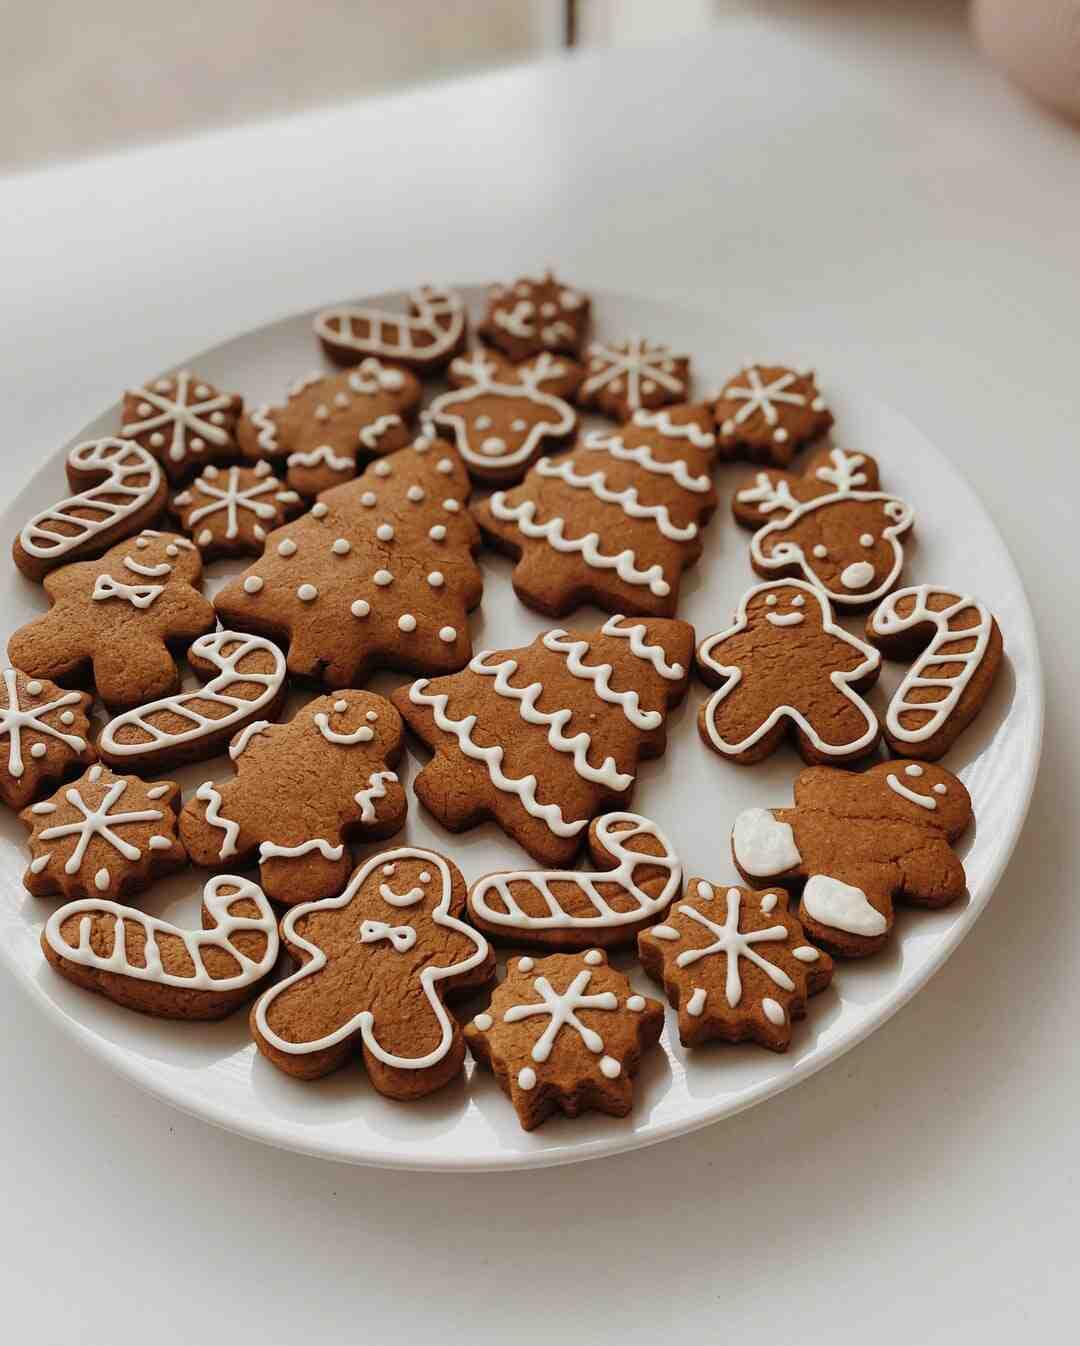 Comment ecrire sur des biscuits ?